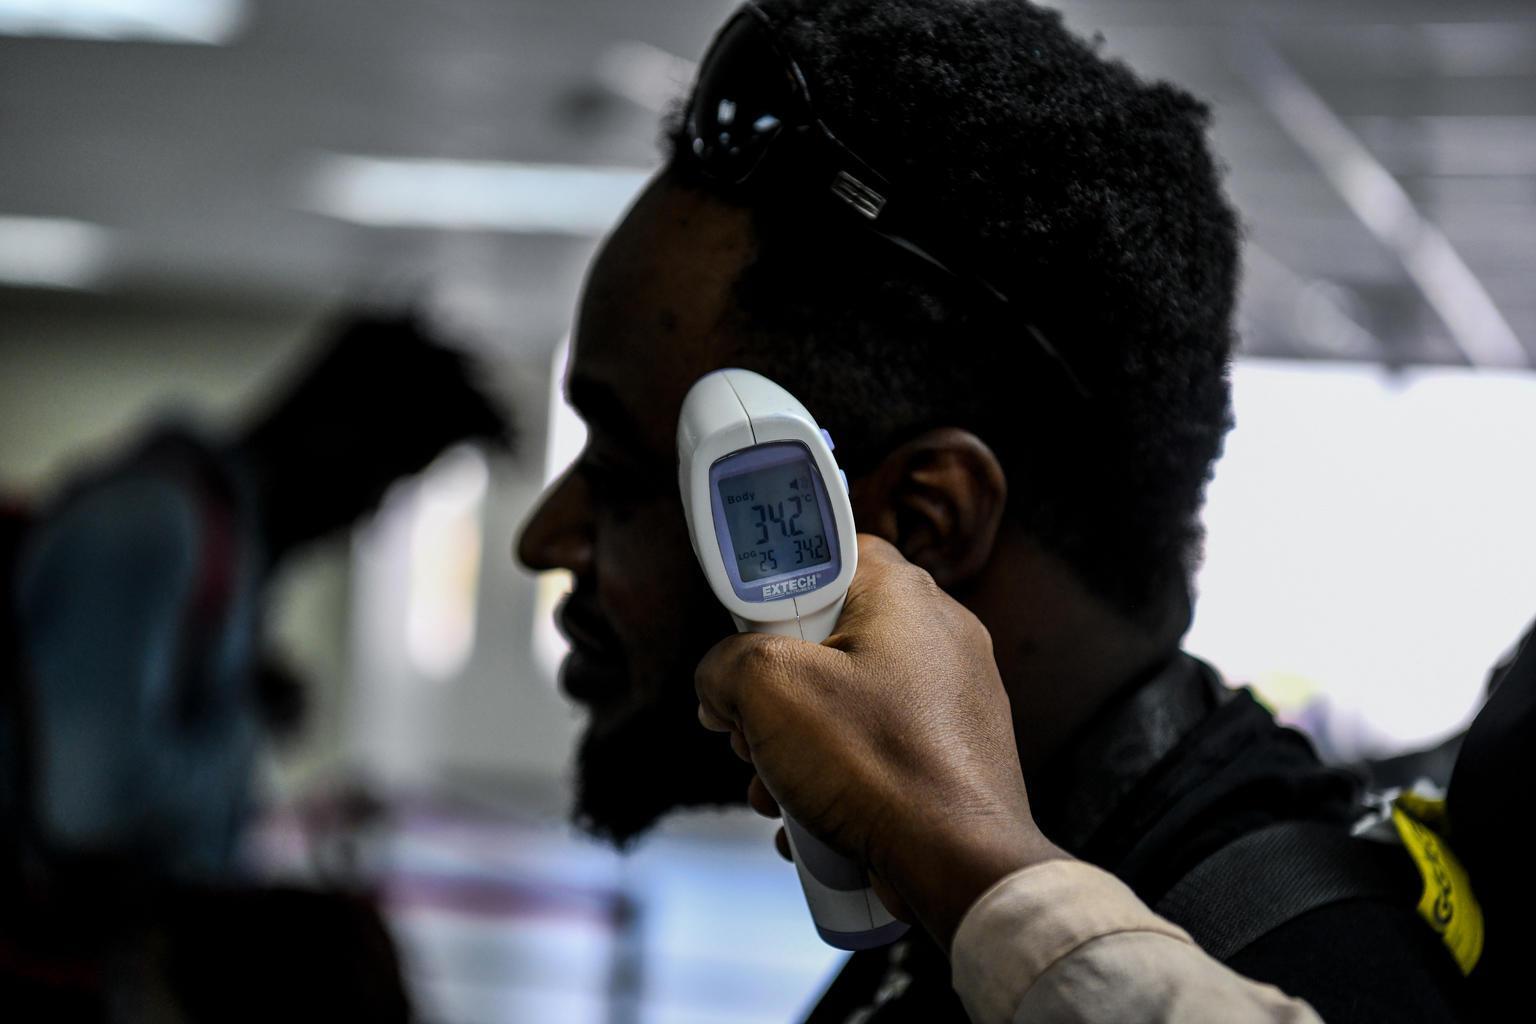 «Коронавирусные ограничения» почти свели на нет сезонные вспышки гриппа и ОРВИ, но это приведет к ухудшению в будущем